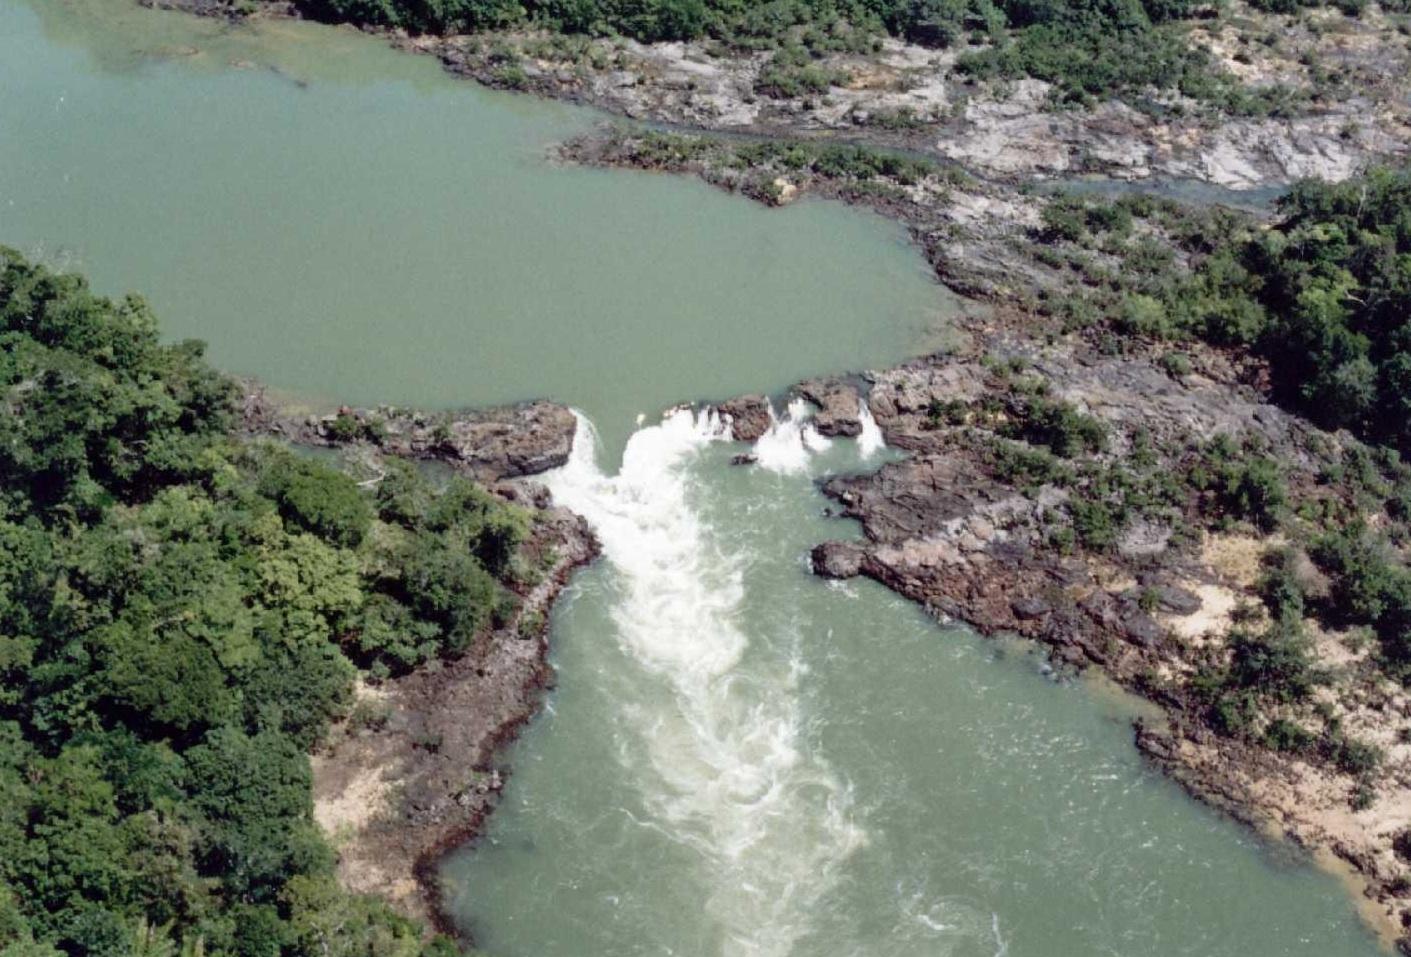 Resumo Sobre A Polemica Da Usina De Belo Monte